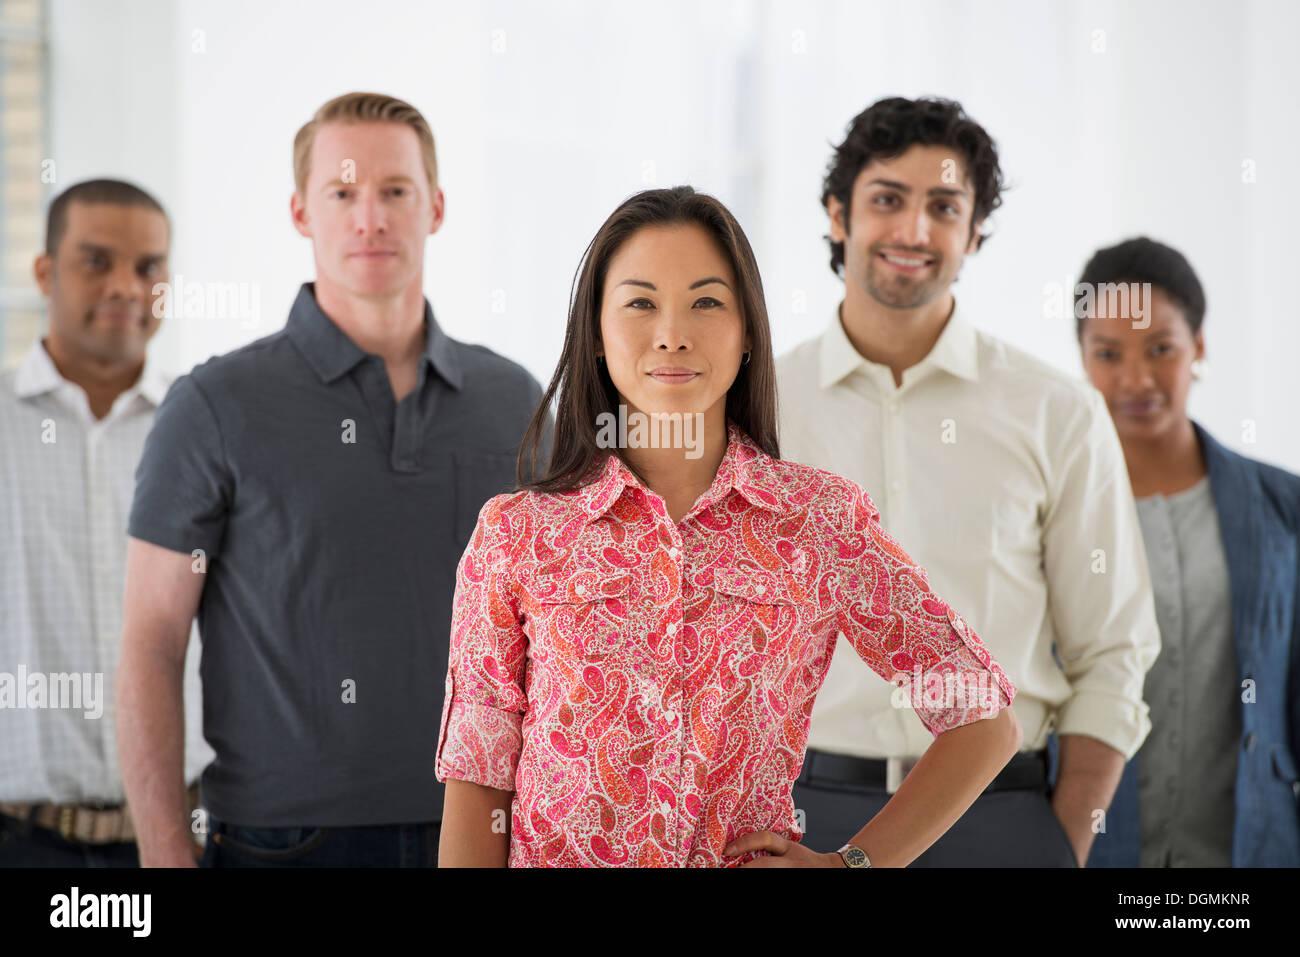 Los negocios. Un equipo de personas, un grupo multiétnico, hombres y mujeres de un grupo. Foto de stock